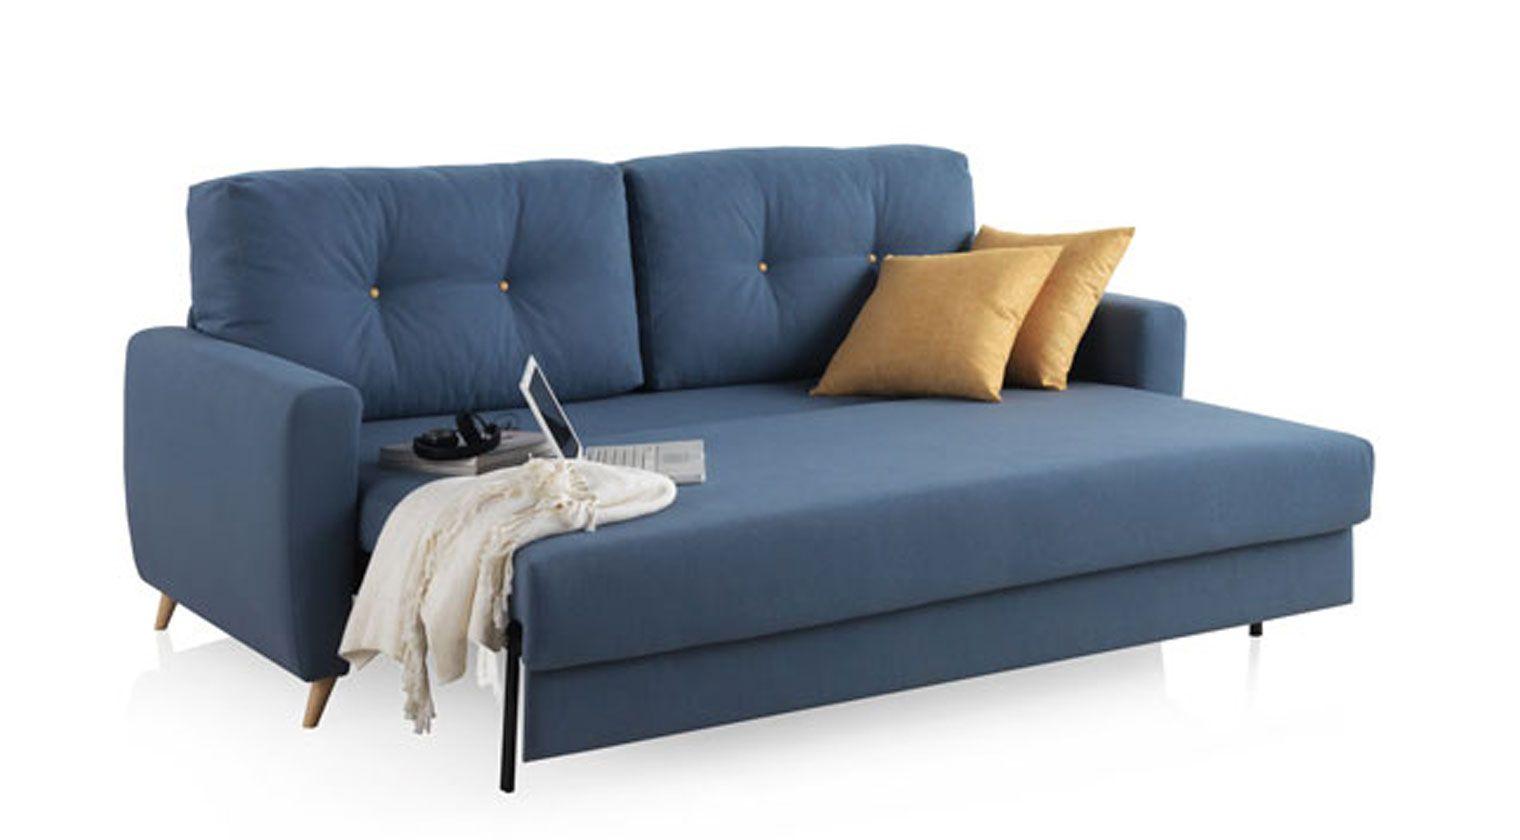 Comprar sof cama nice 1 plaza cama de 80x190 cm aire for Divan 80x190